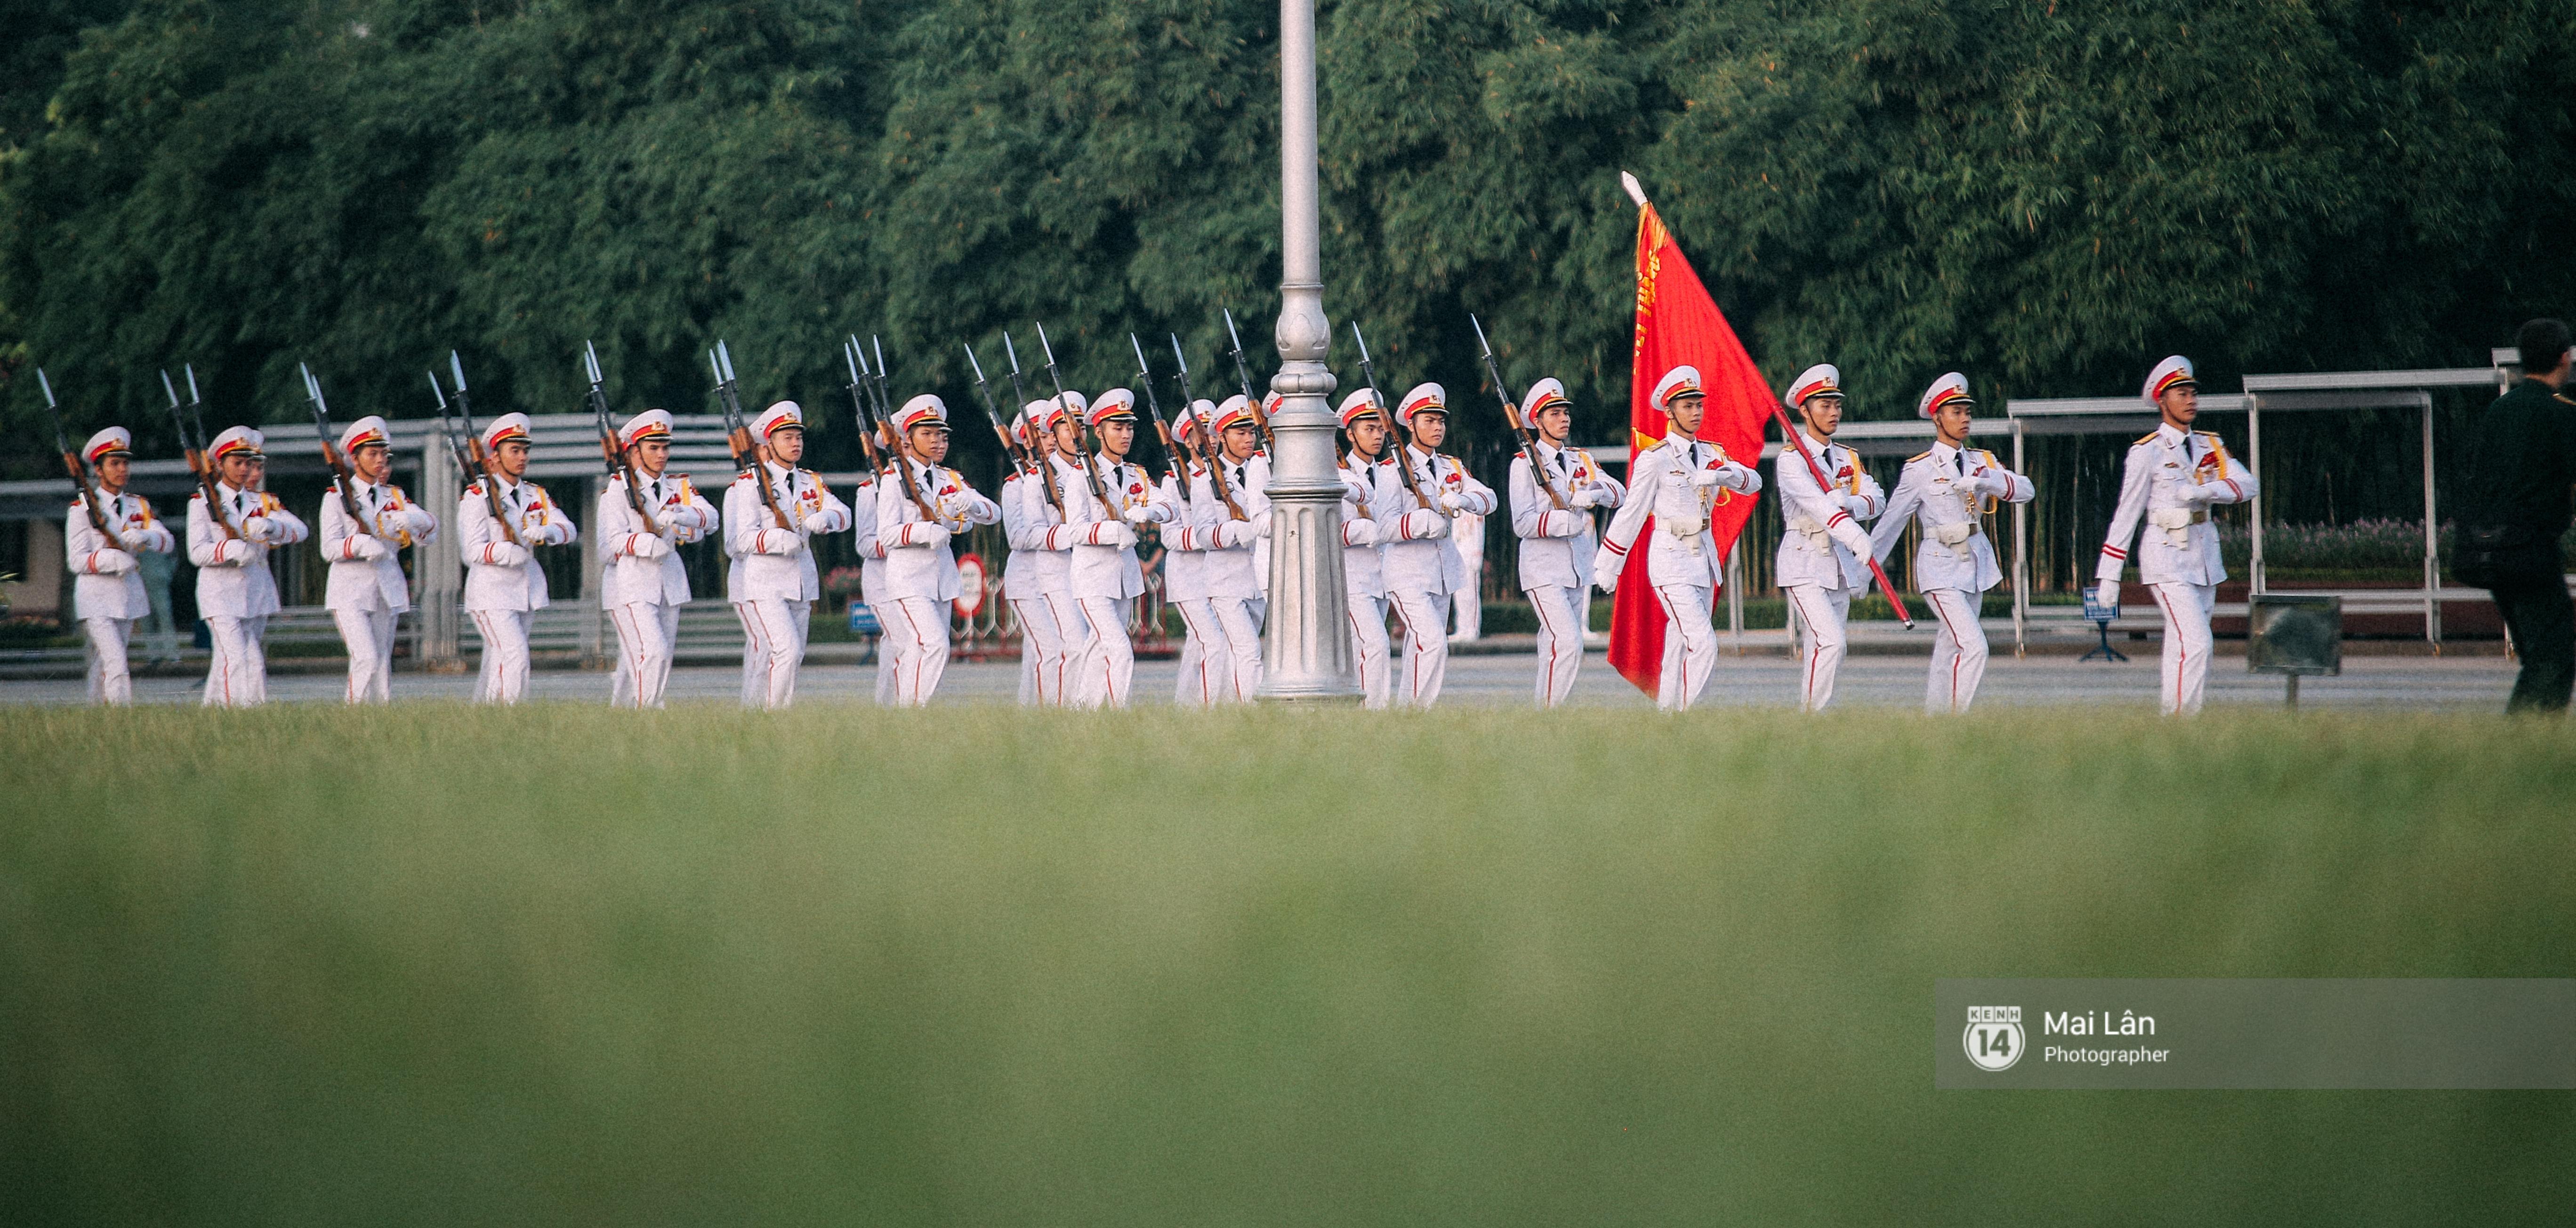 Clip: Người dân Hà Nội chia sẻ cảm xúc trong Lễ chào cờ thiêng liêng sáng 2/9 ở Quảng trường Ba Đình - Ảnh 3.